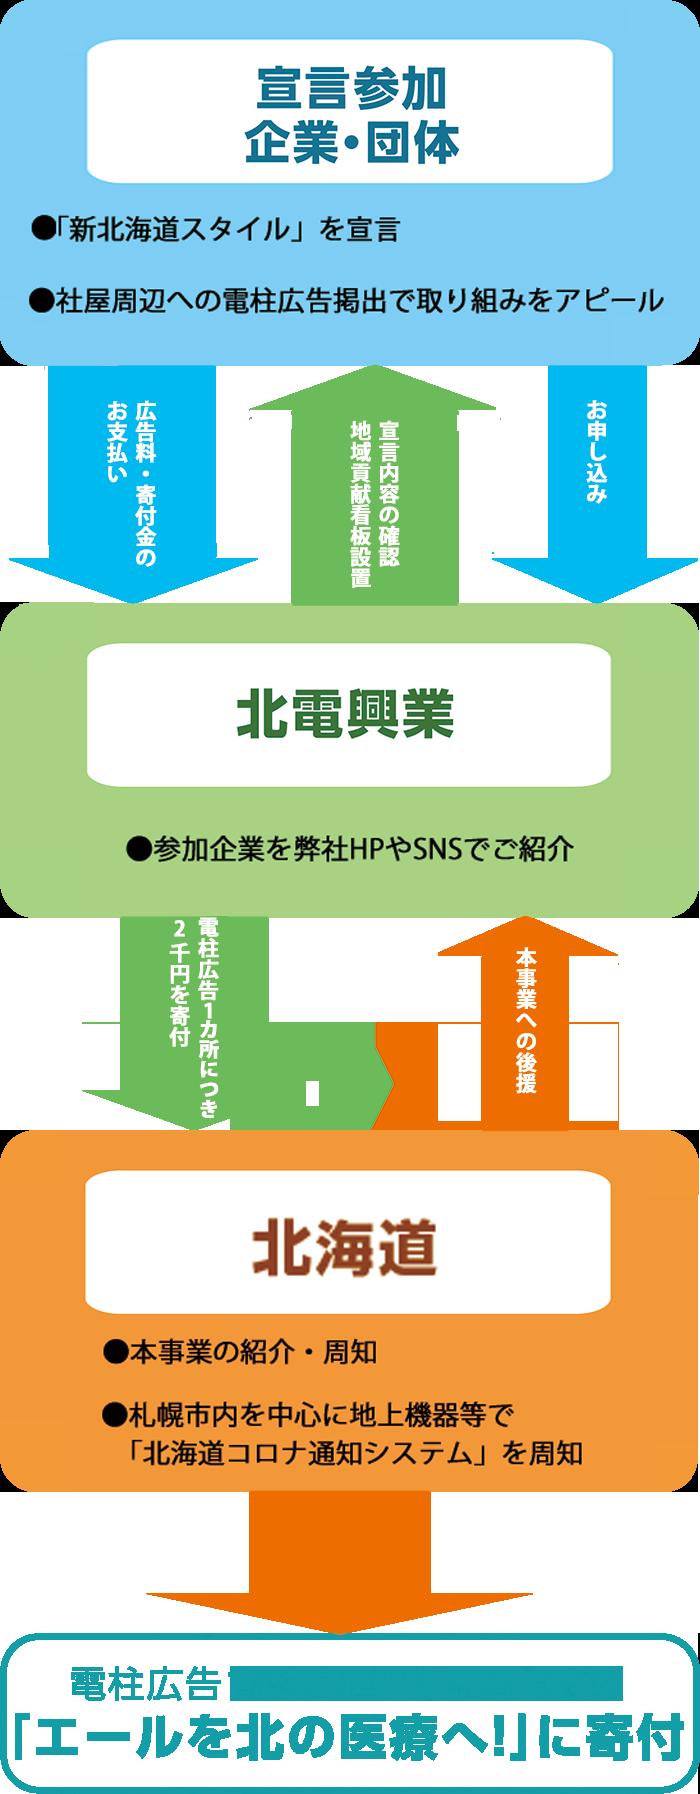 新北海道スタイル安心宣言 PR 寄付 推進